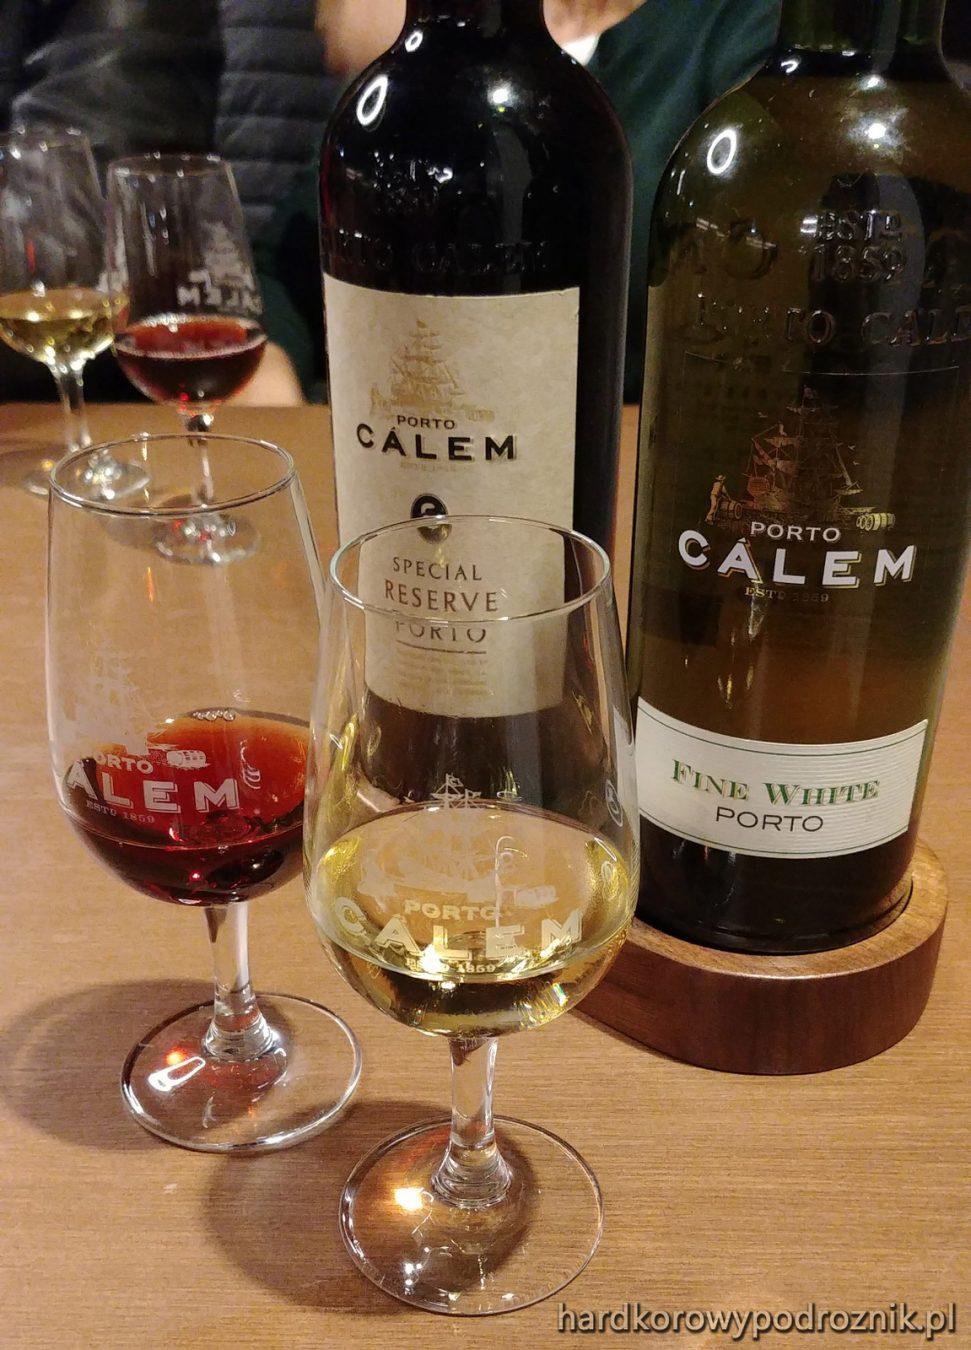 Wino Porto